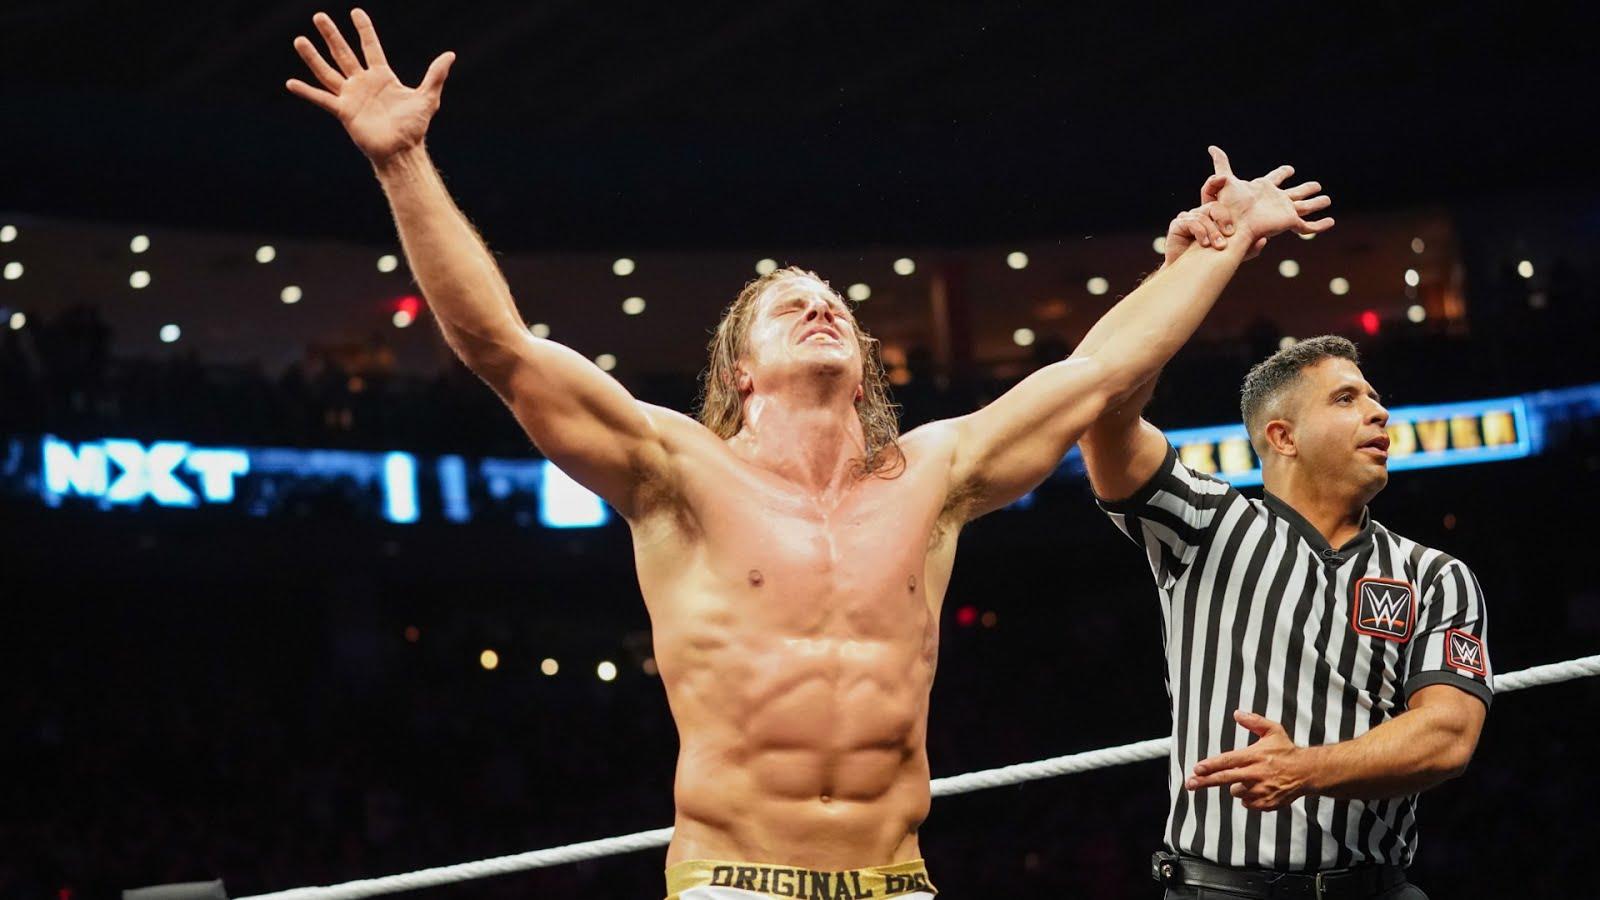 Matt Riddle é oficialmente anunciado como integrante do SmackDown